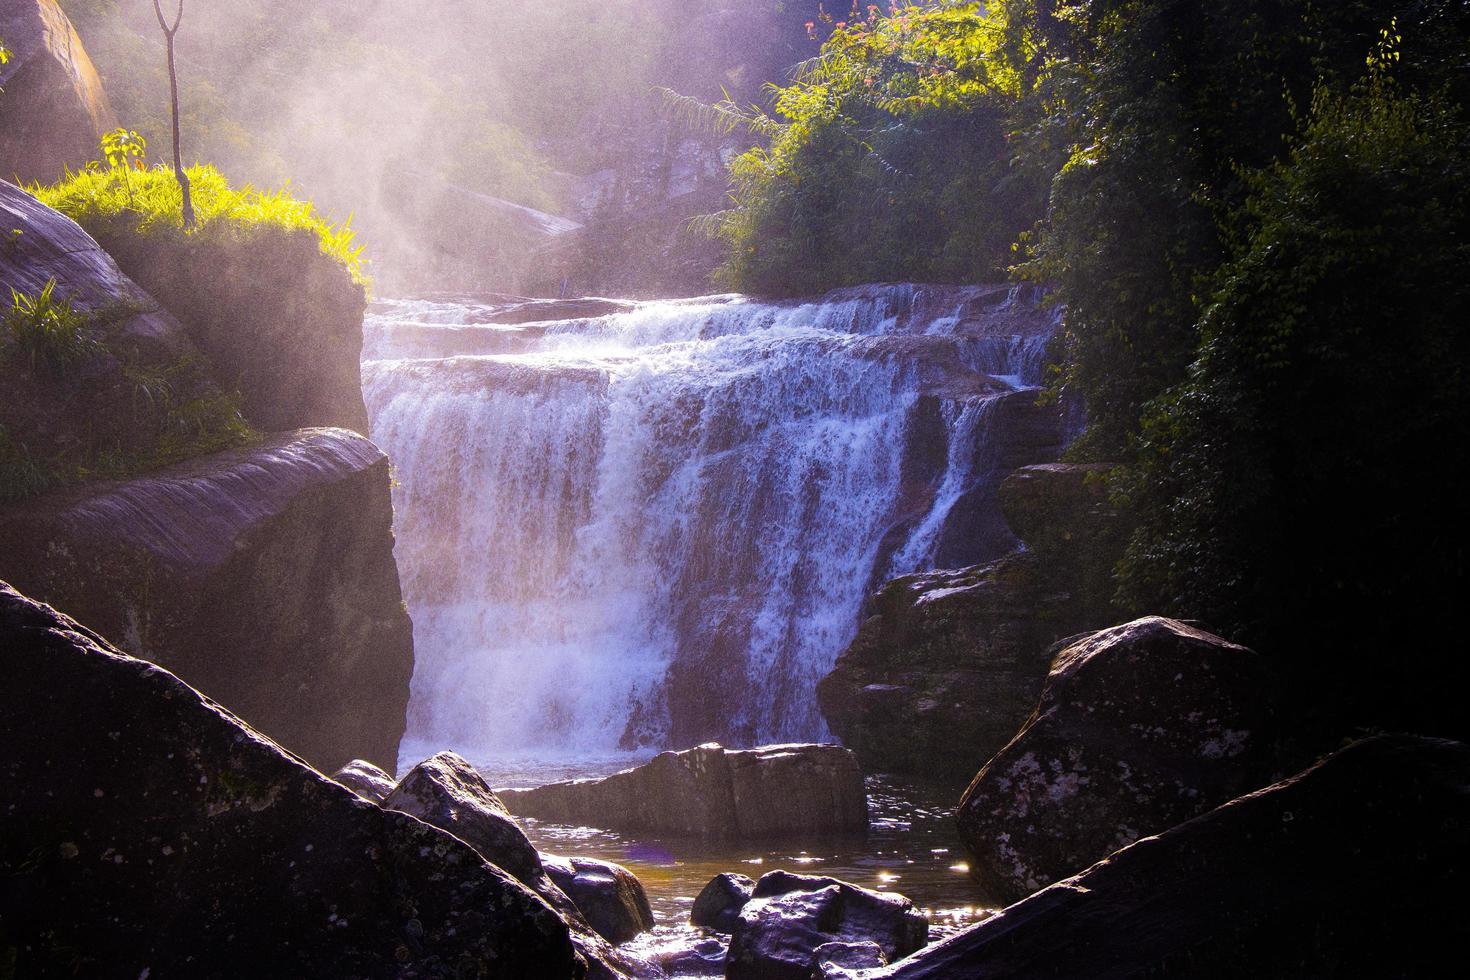 Wasserfall umgeben von Gras und Felsen foto